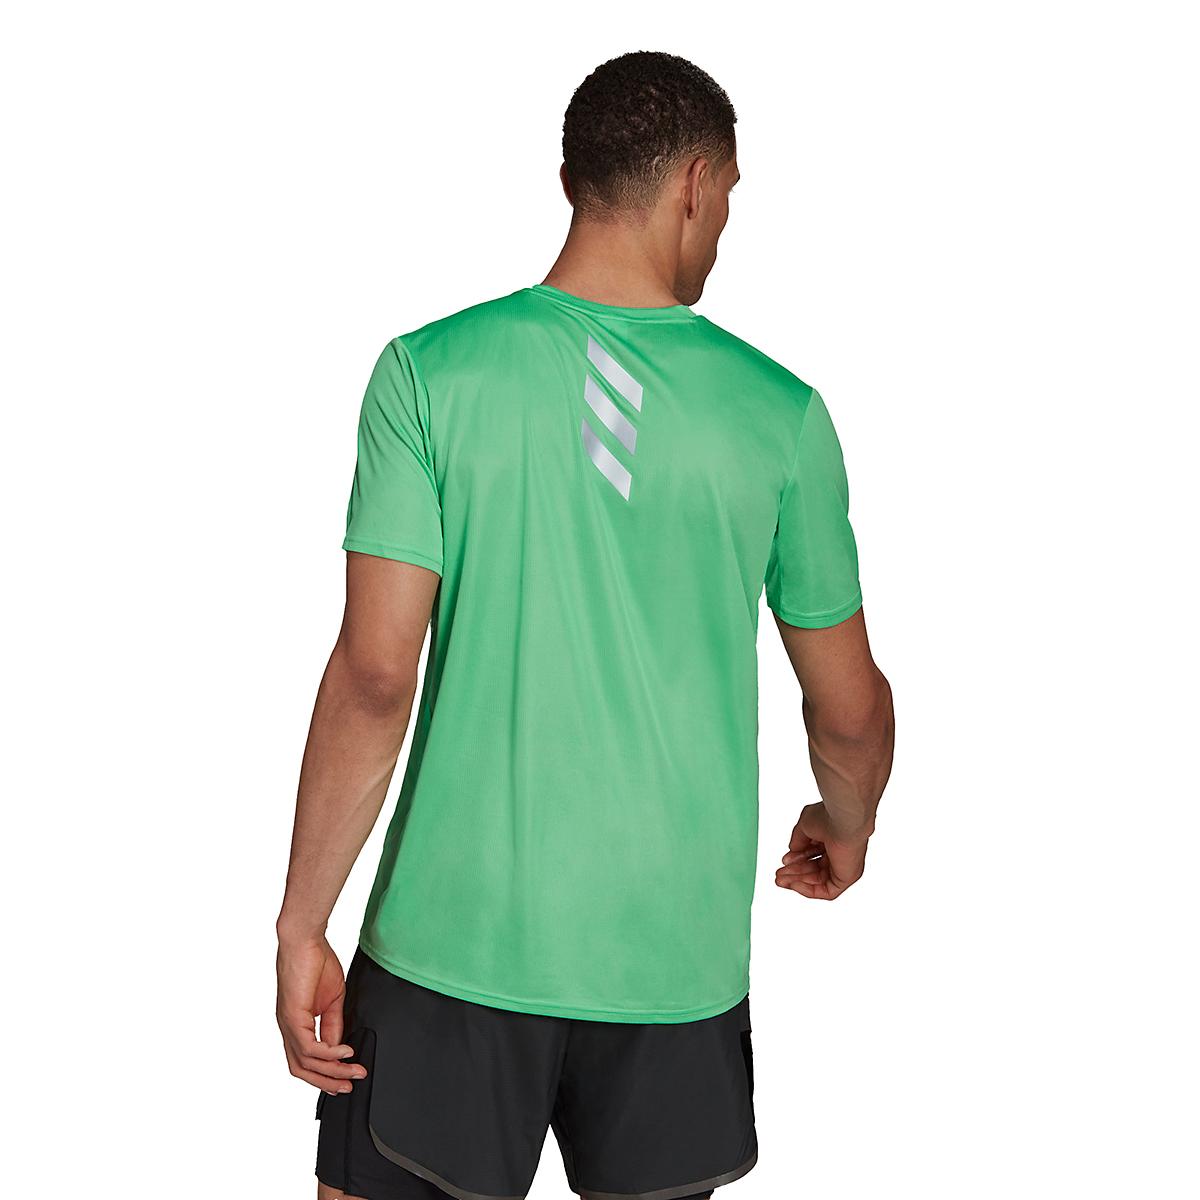 Men's Adidas Fast PrimeBlue Tee  - Color: Semi Screaming Green/Reflective Silver - Size: XS, Semi Screaming Green/Reflective Silver, large, image 2